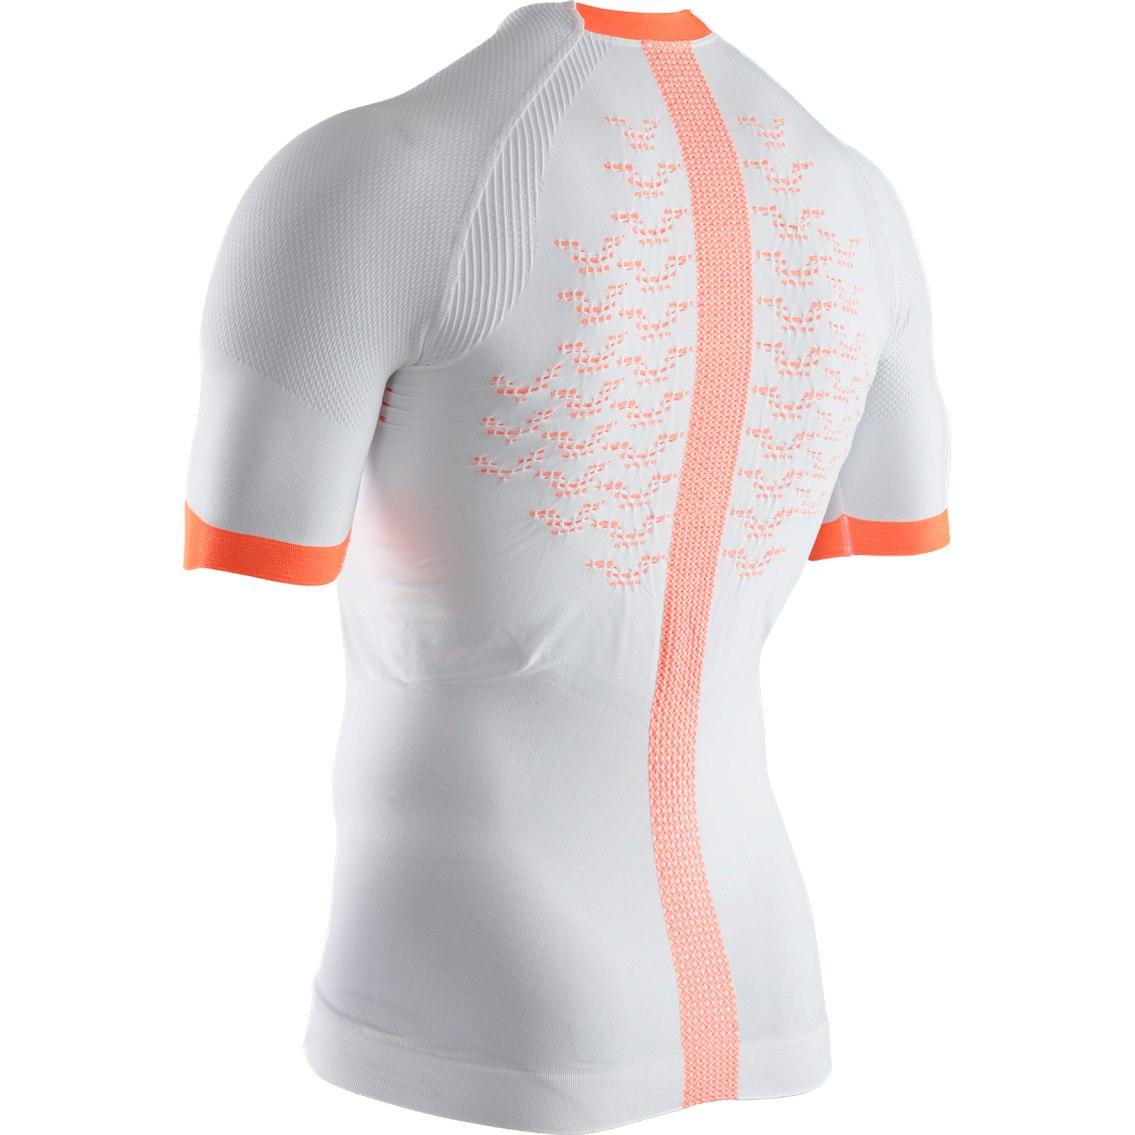 Image of X-Bionic The Trick 4.0 Run Shirt Short Sleeves for Men - arctic white/kurkuma orange